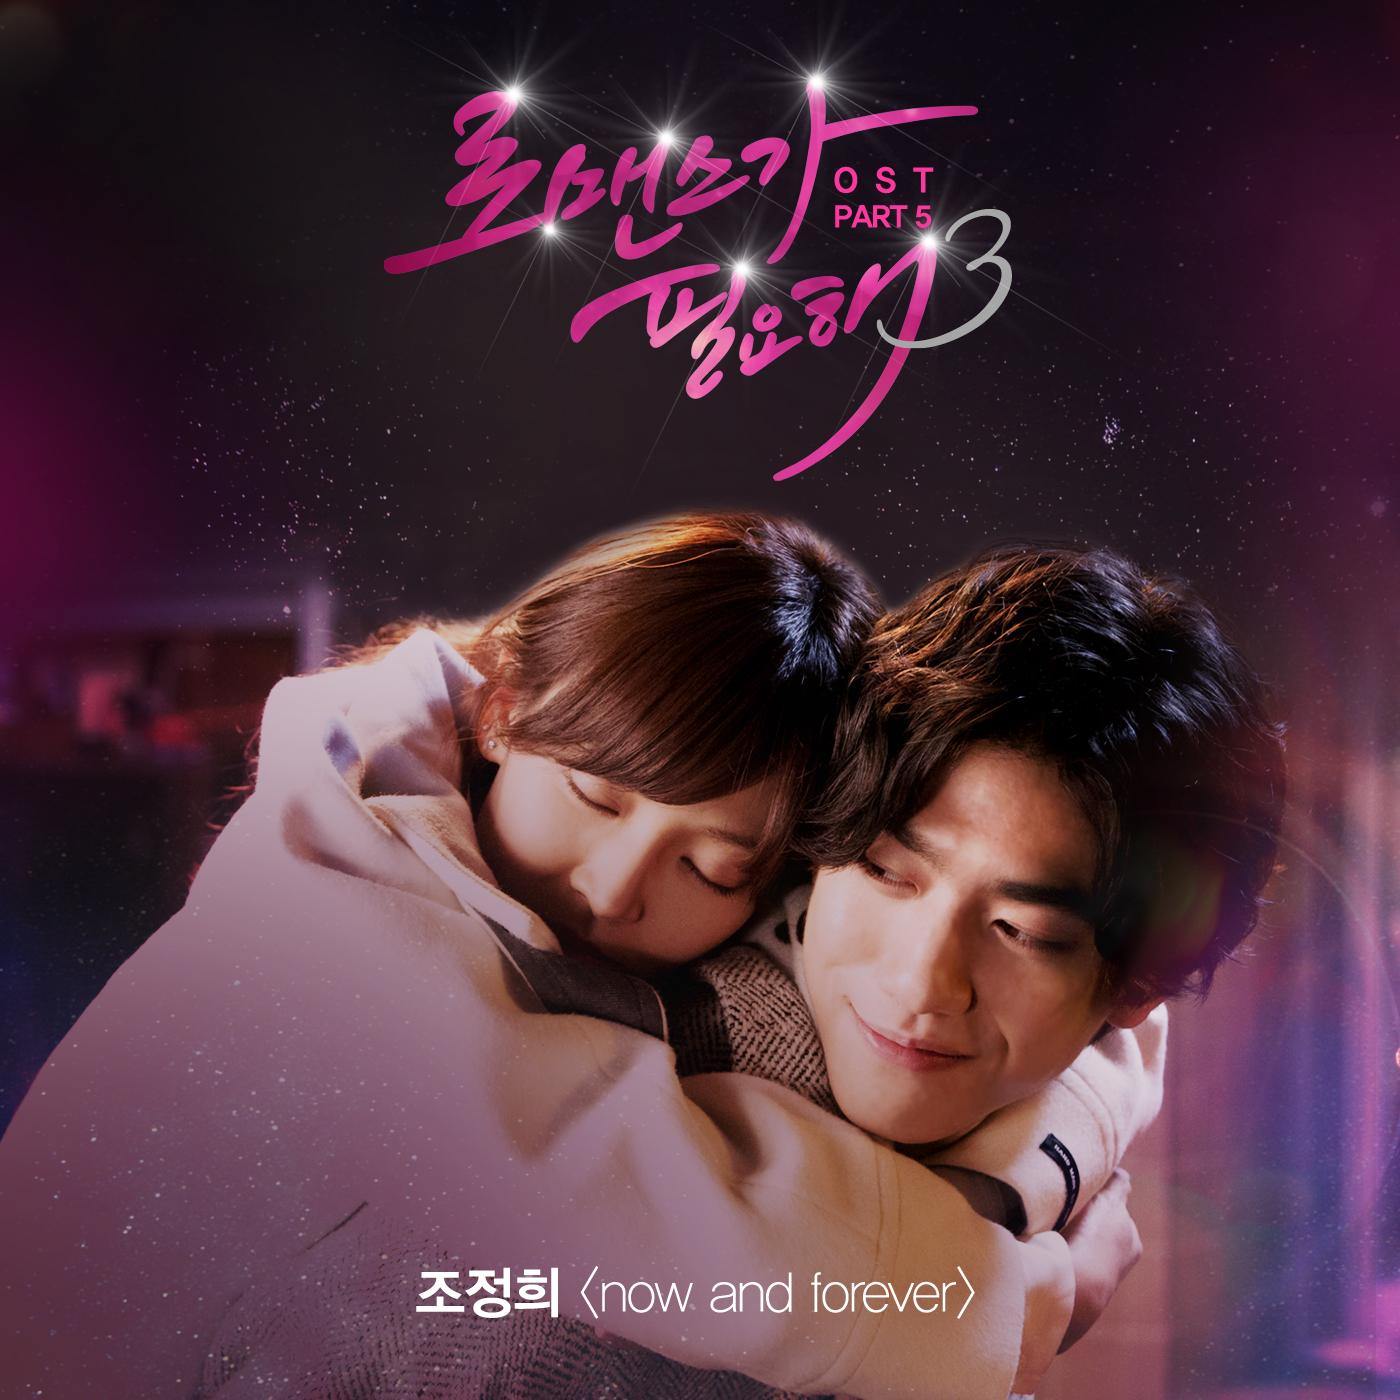 로맨스가 필요해3 OST Part 5